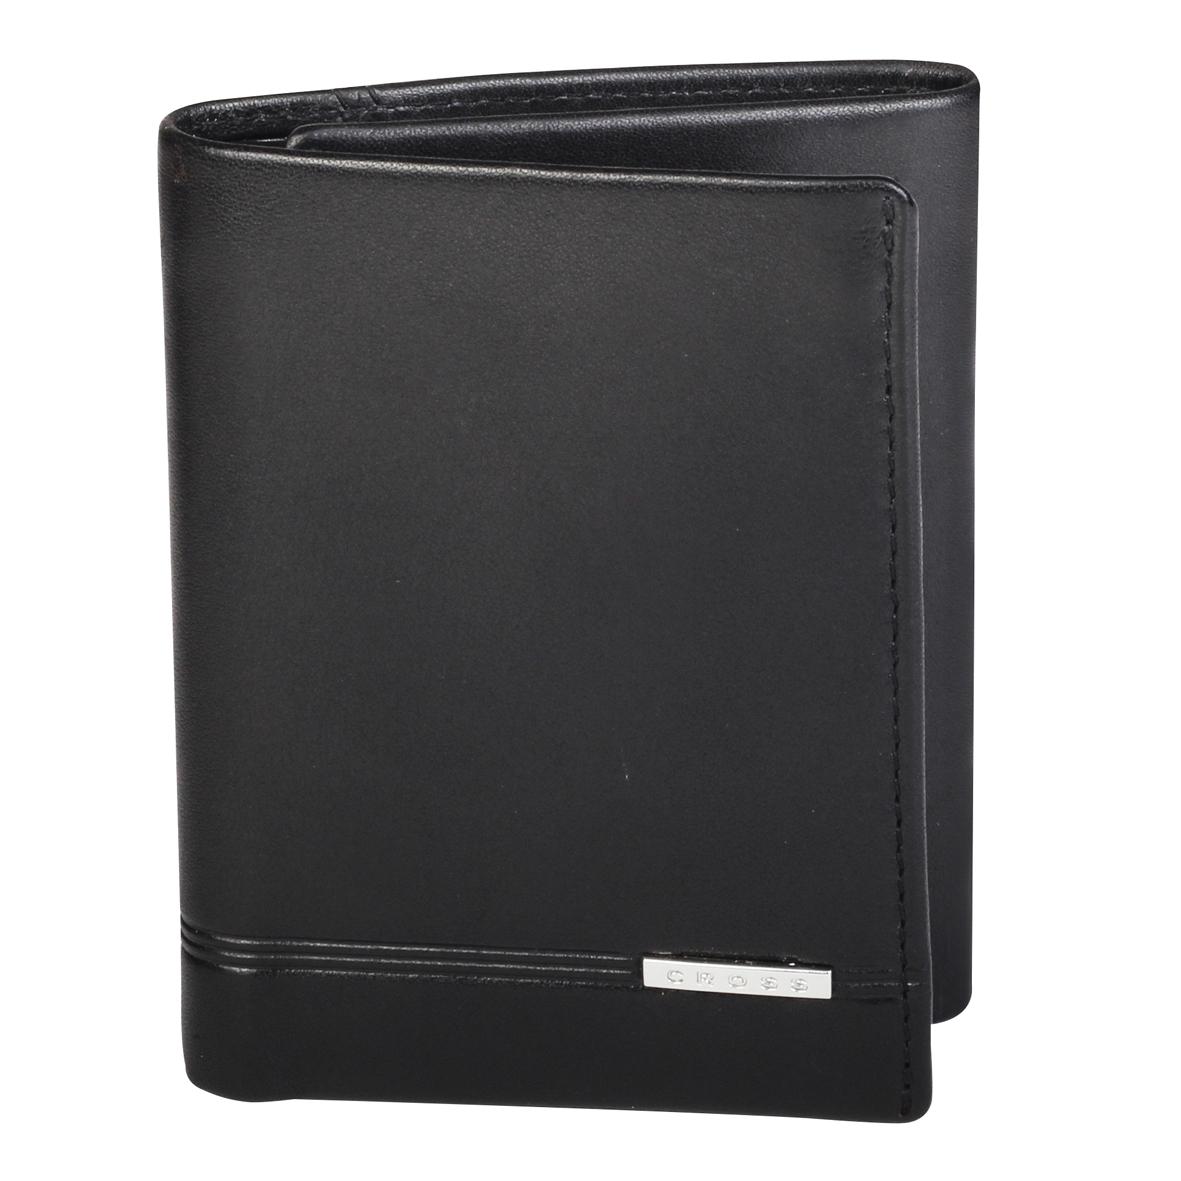 Кошелек мужской Cross, цвет: черный. AC018069-1495350нКошелек. Шесть отделений для кредитных карт.Одно отделение для банкнот. Один карман для документов с окошком. Четыре универсальных кармана.